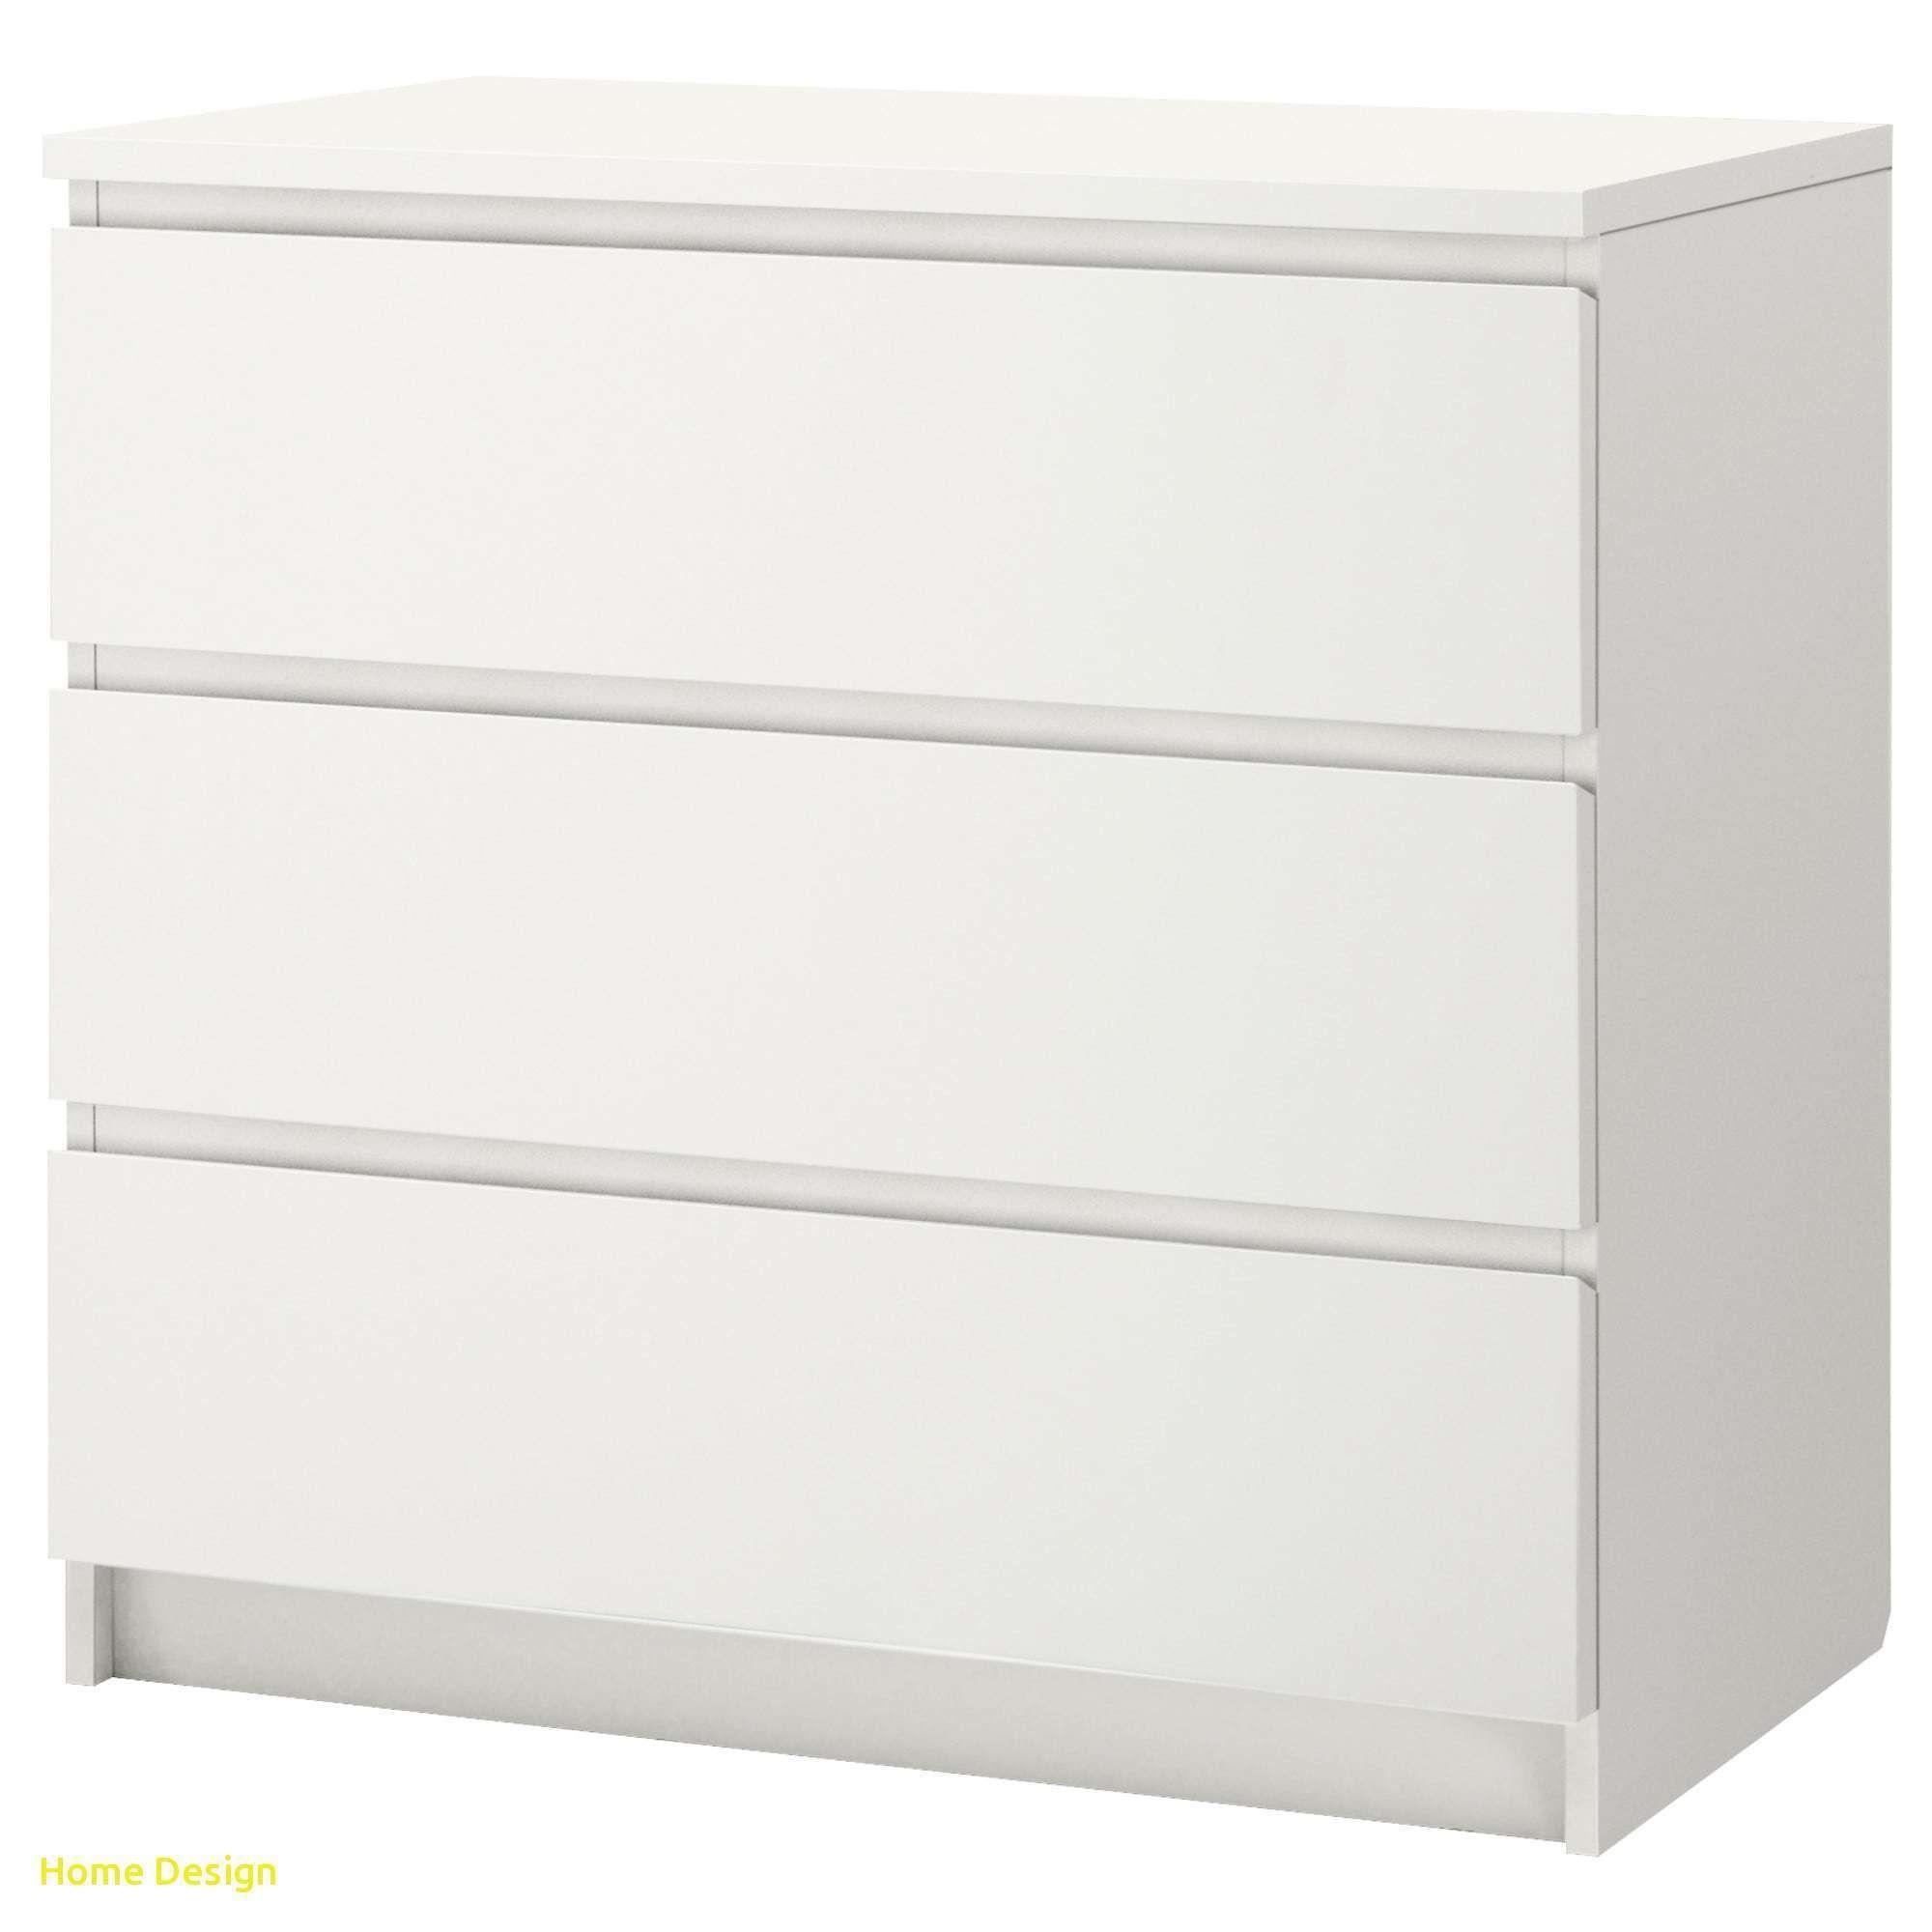 Beautiful Malm 3 Drawer Dresser Homedesign Homedecor Homediy Https Klikhomedesign Com Malm 3 Drawer Dresser Ikea Chest Of Drawers Ikea Malm Ikea